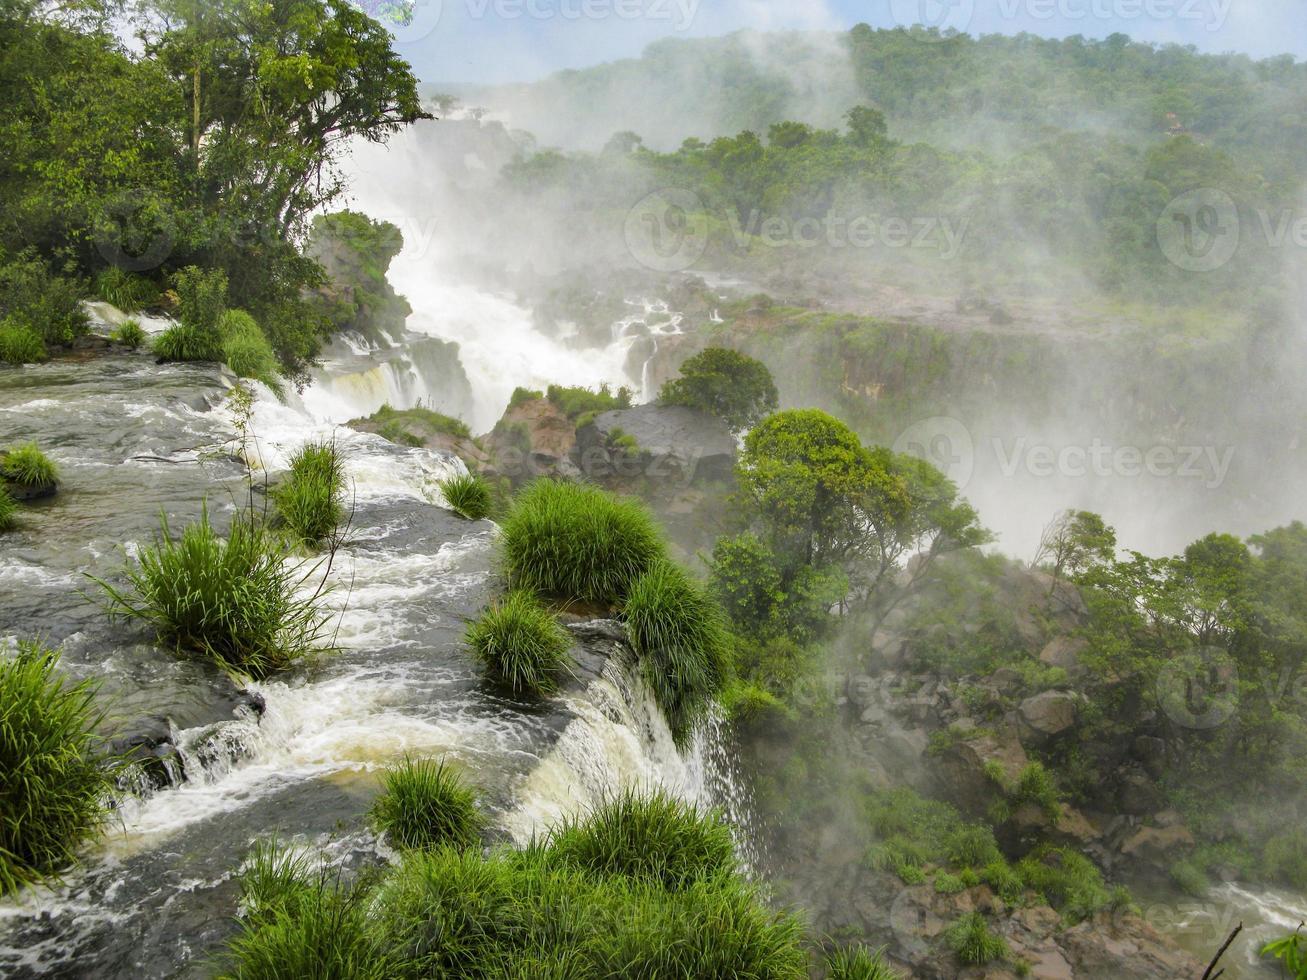 Iguassu Wasserfall im tropischen Dschungel Südamerikas foto